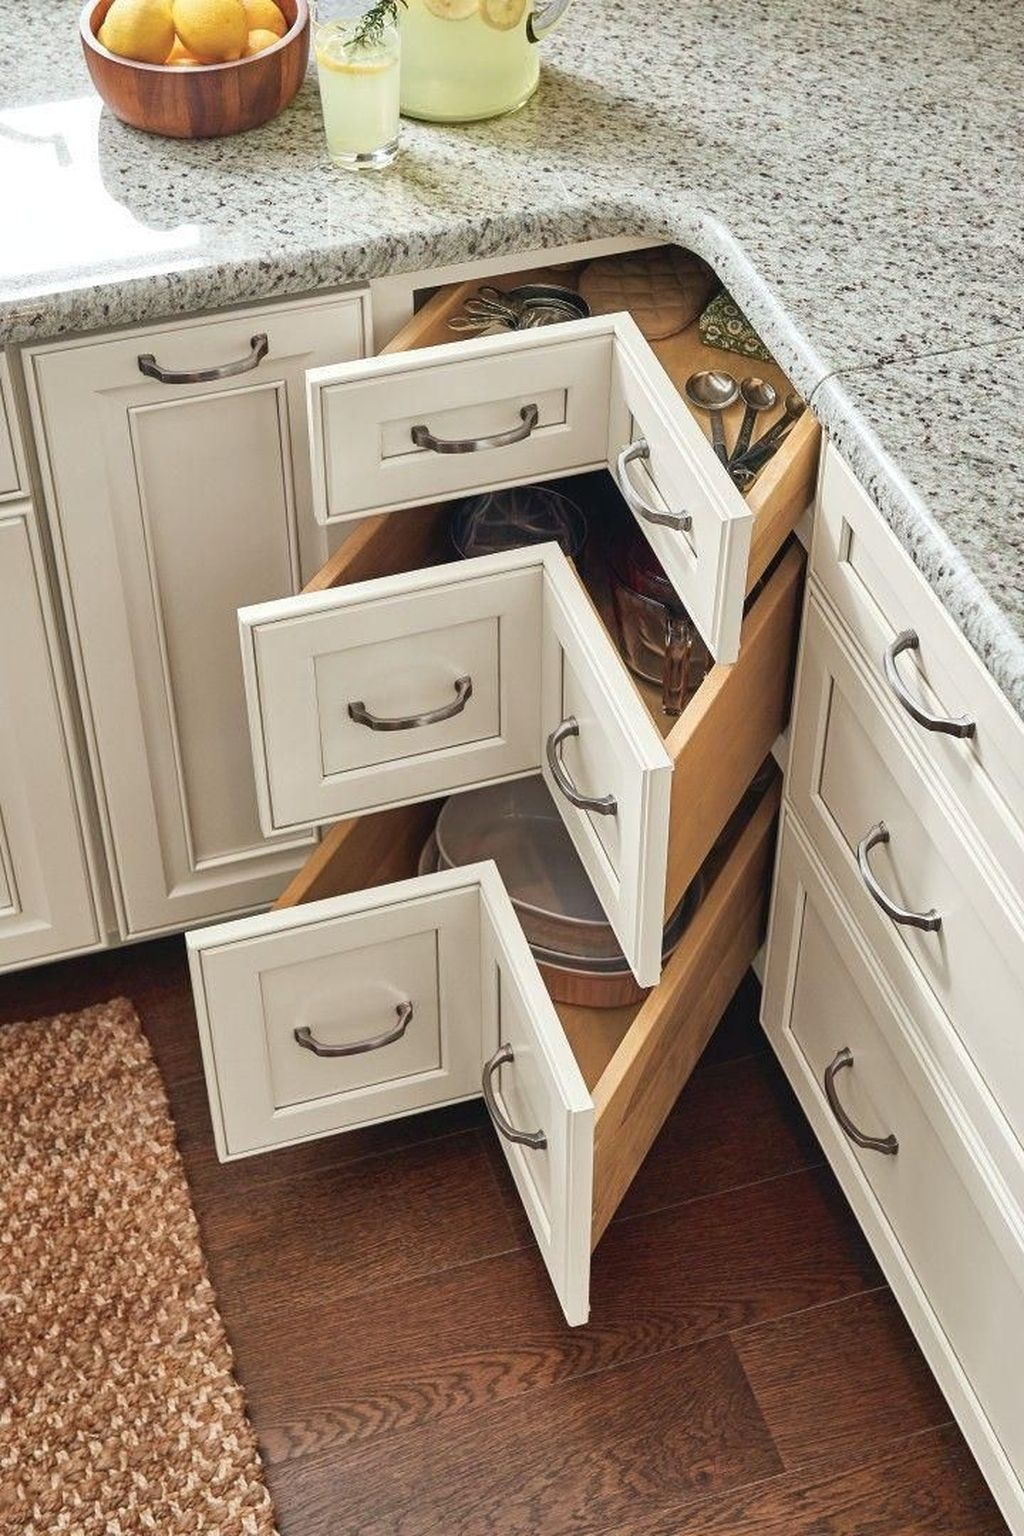 Best Design Ideas For Kitchen Organization Cabinets 11